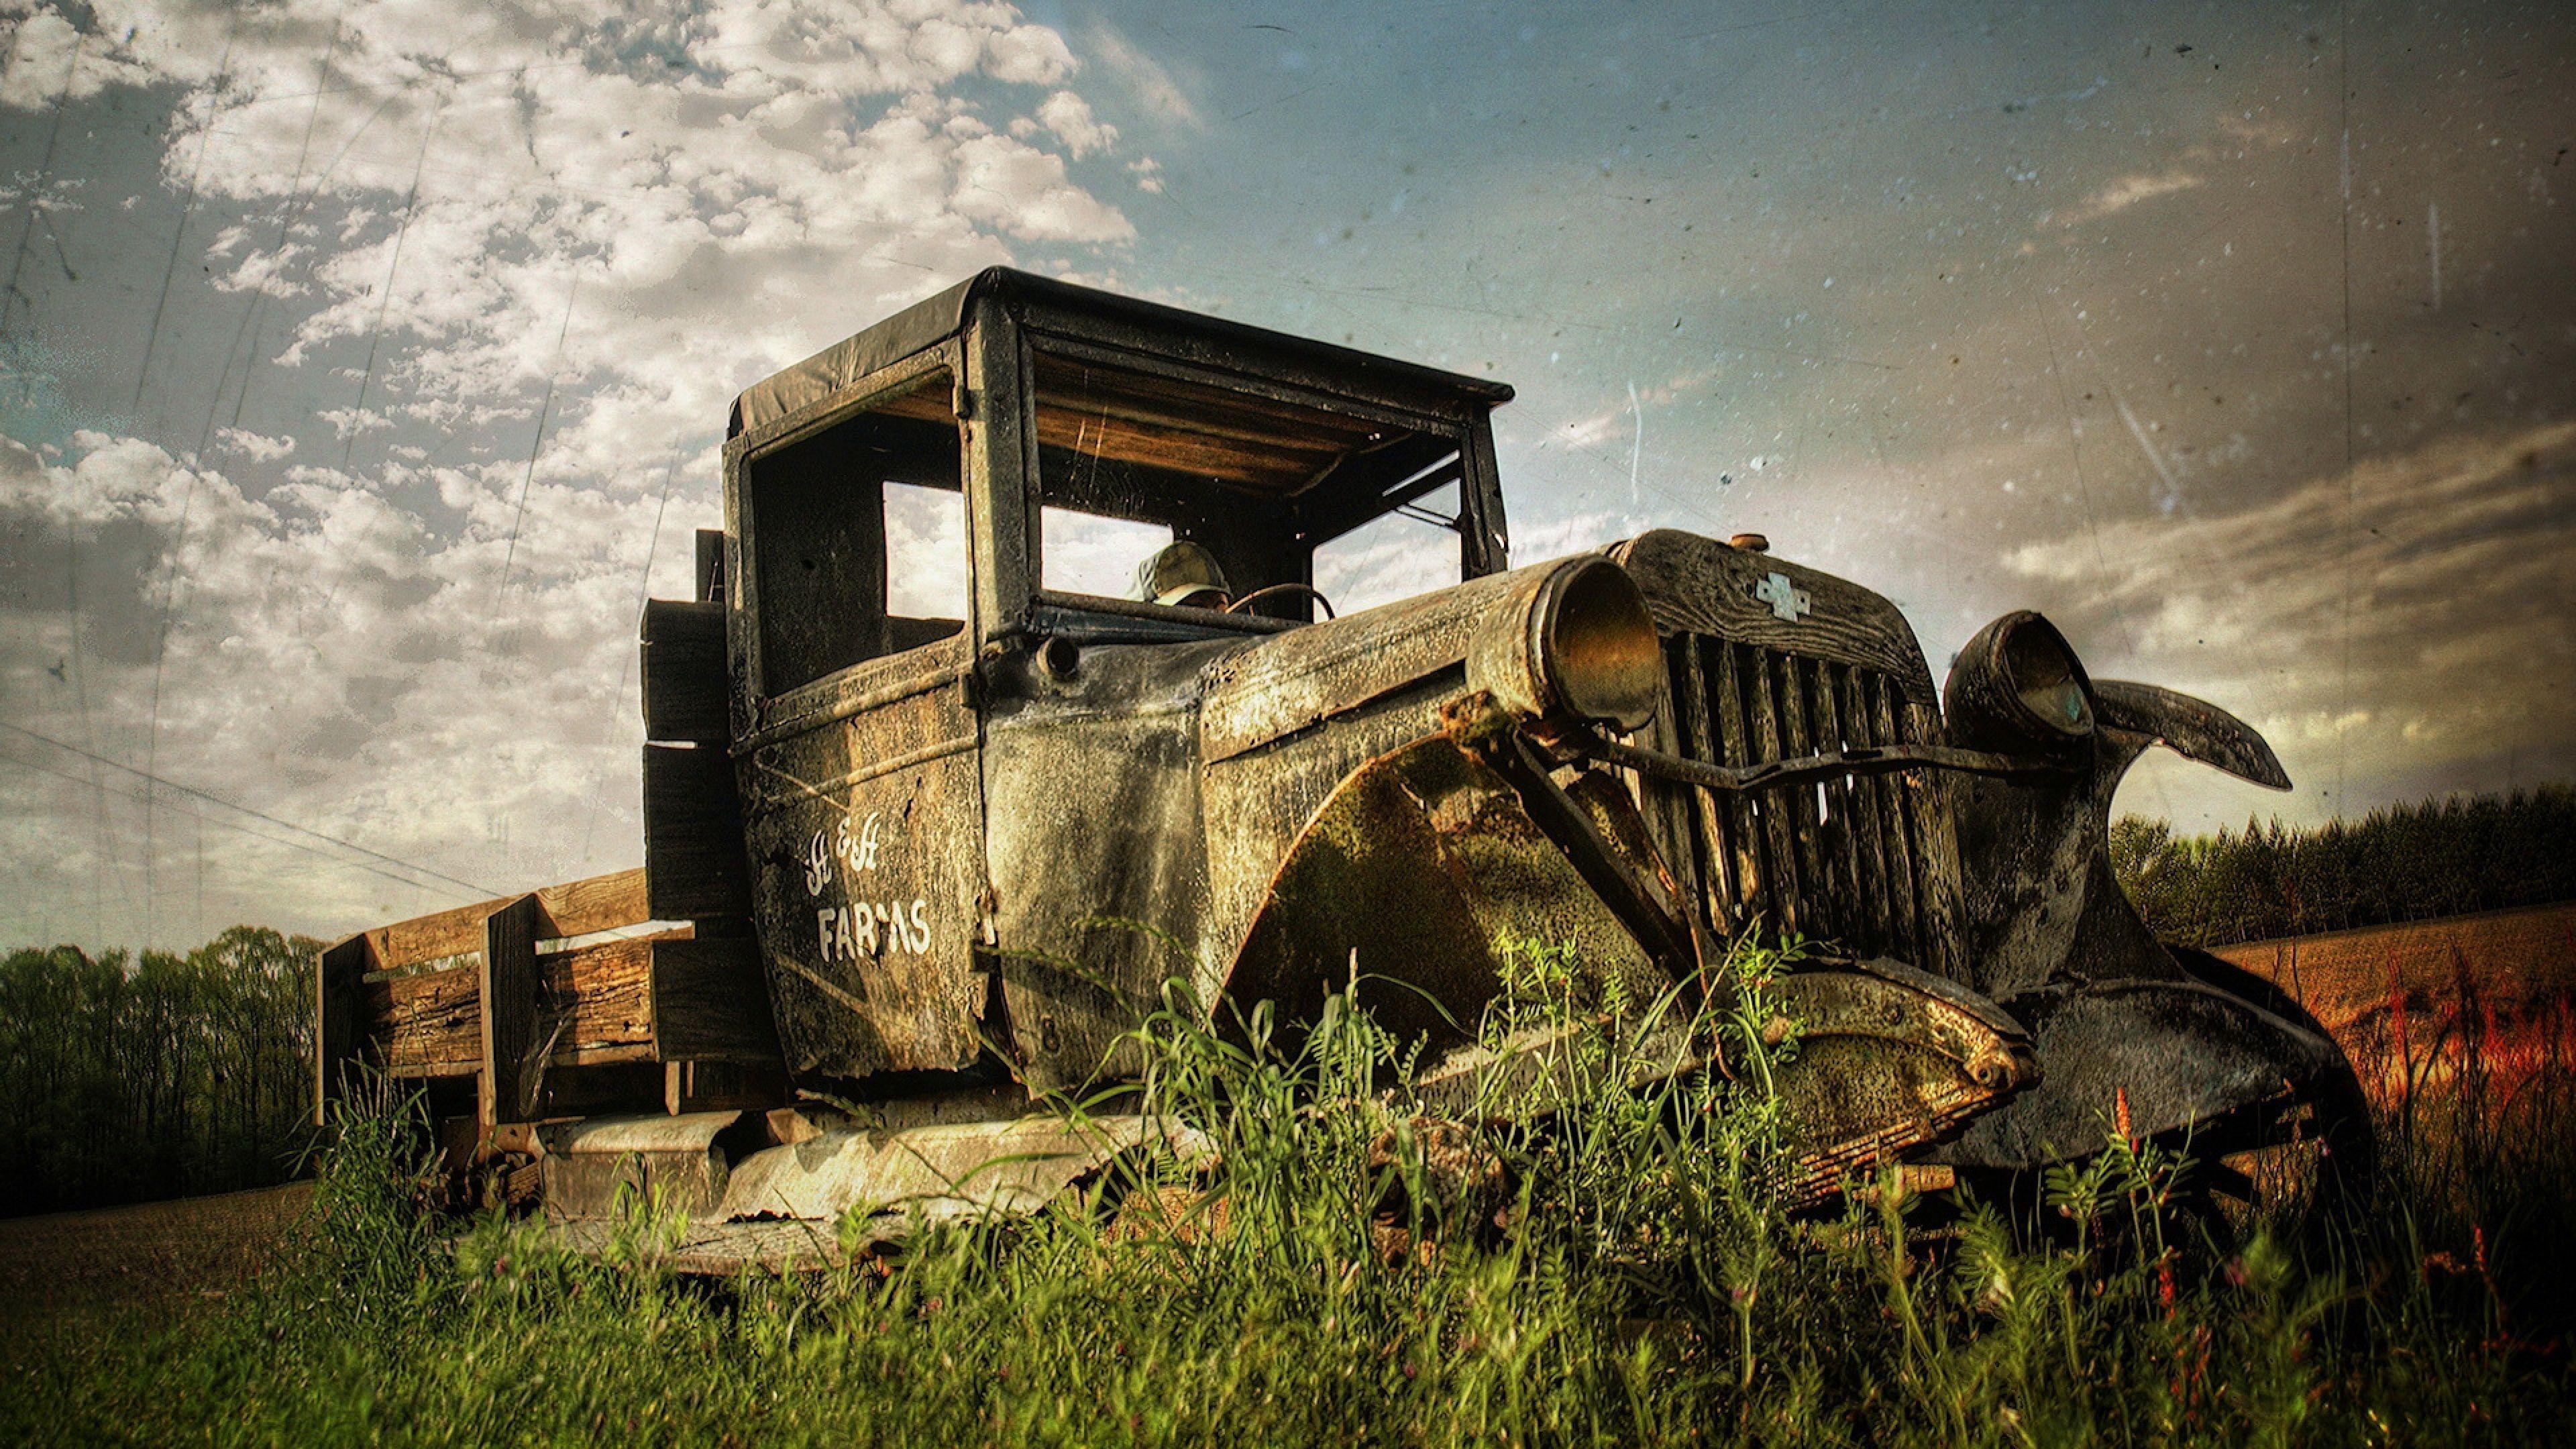 4k Truck Wallpaper Ultra Hd Coches Abandonados Autos Fotos